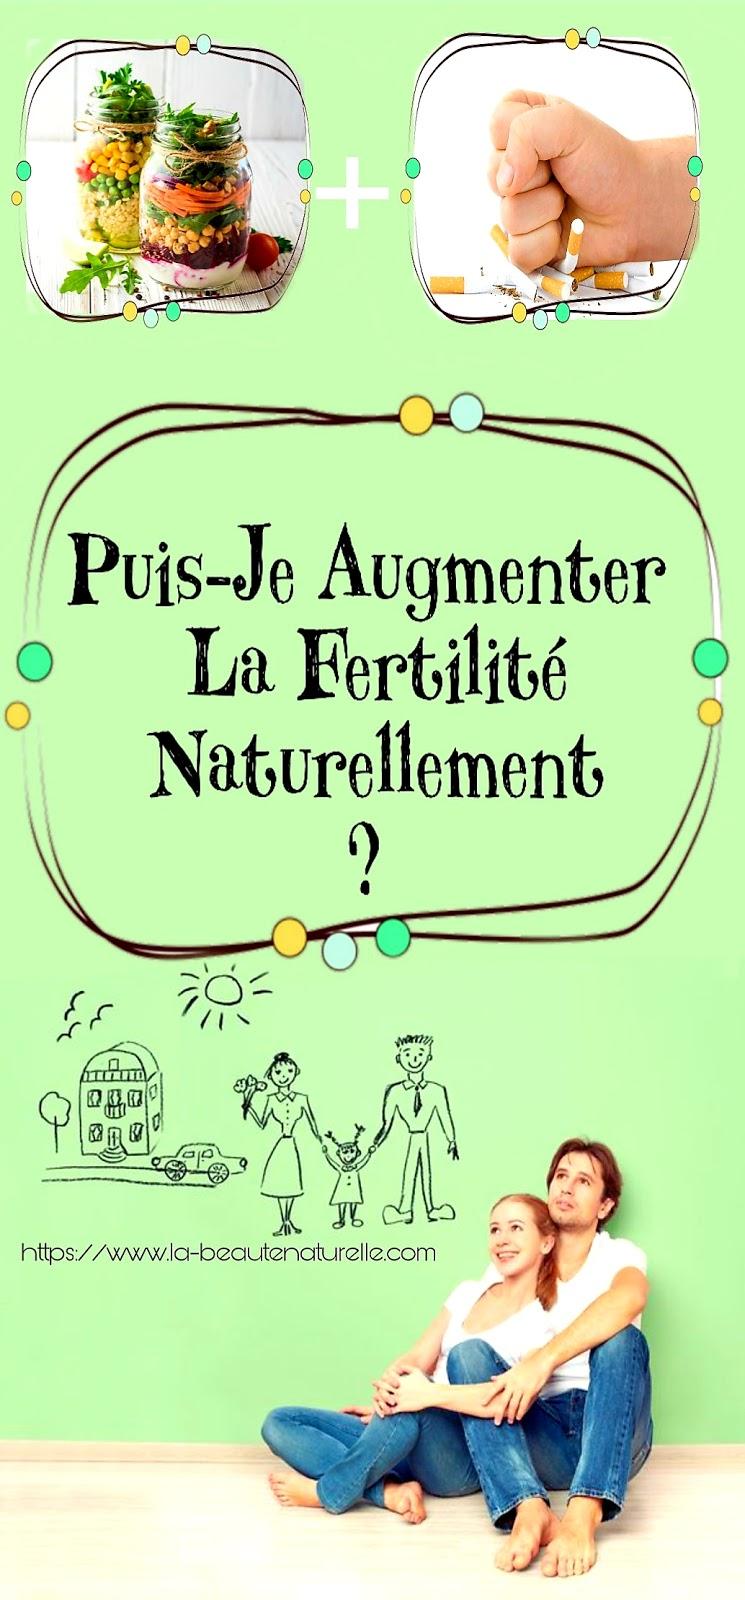 Puis-Je Augmenter La Fertilité Naturellement ?